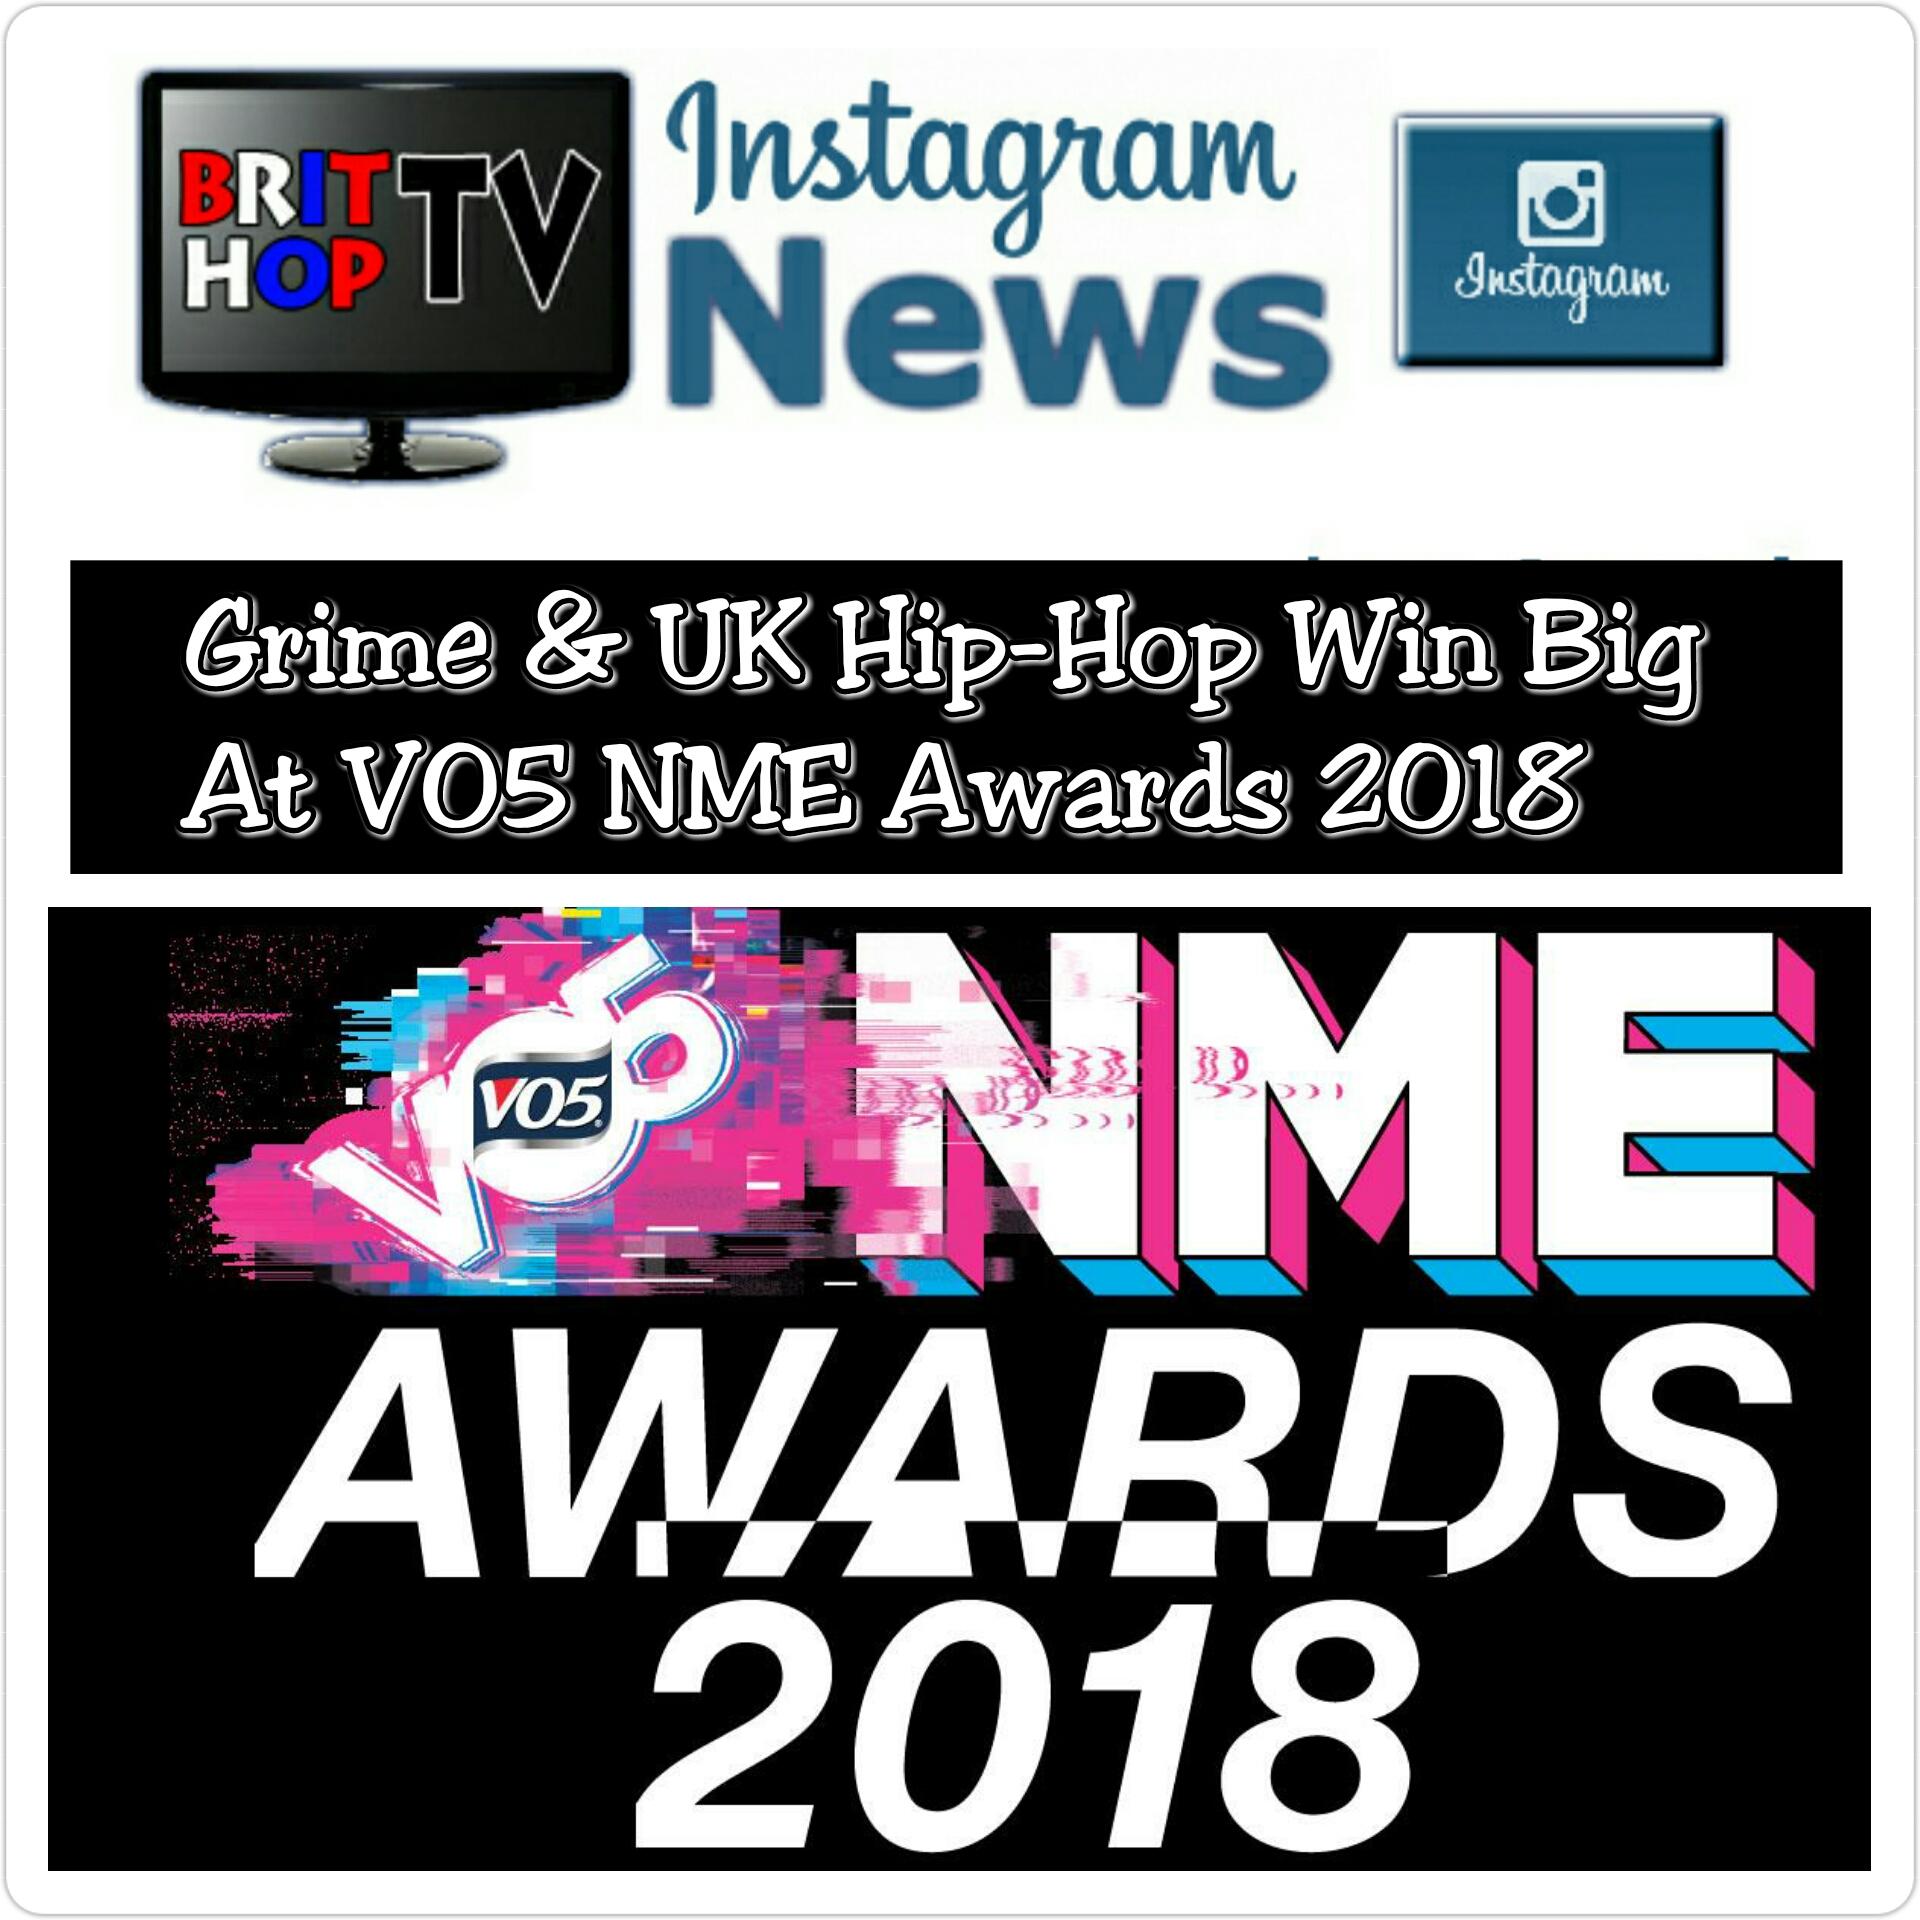 [News] Grime & UK Hip-Hop Win Big At VO5 NME Awards 2018 | #Grime #UKHipHop #MusicNews